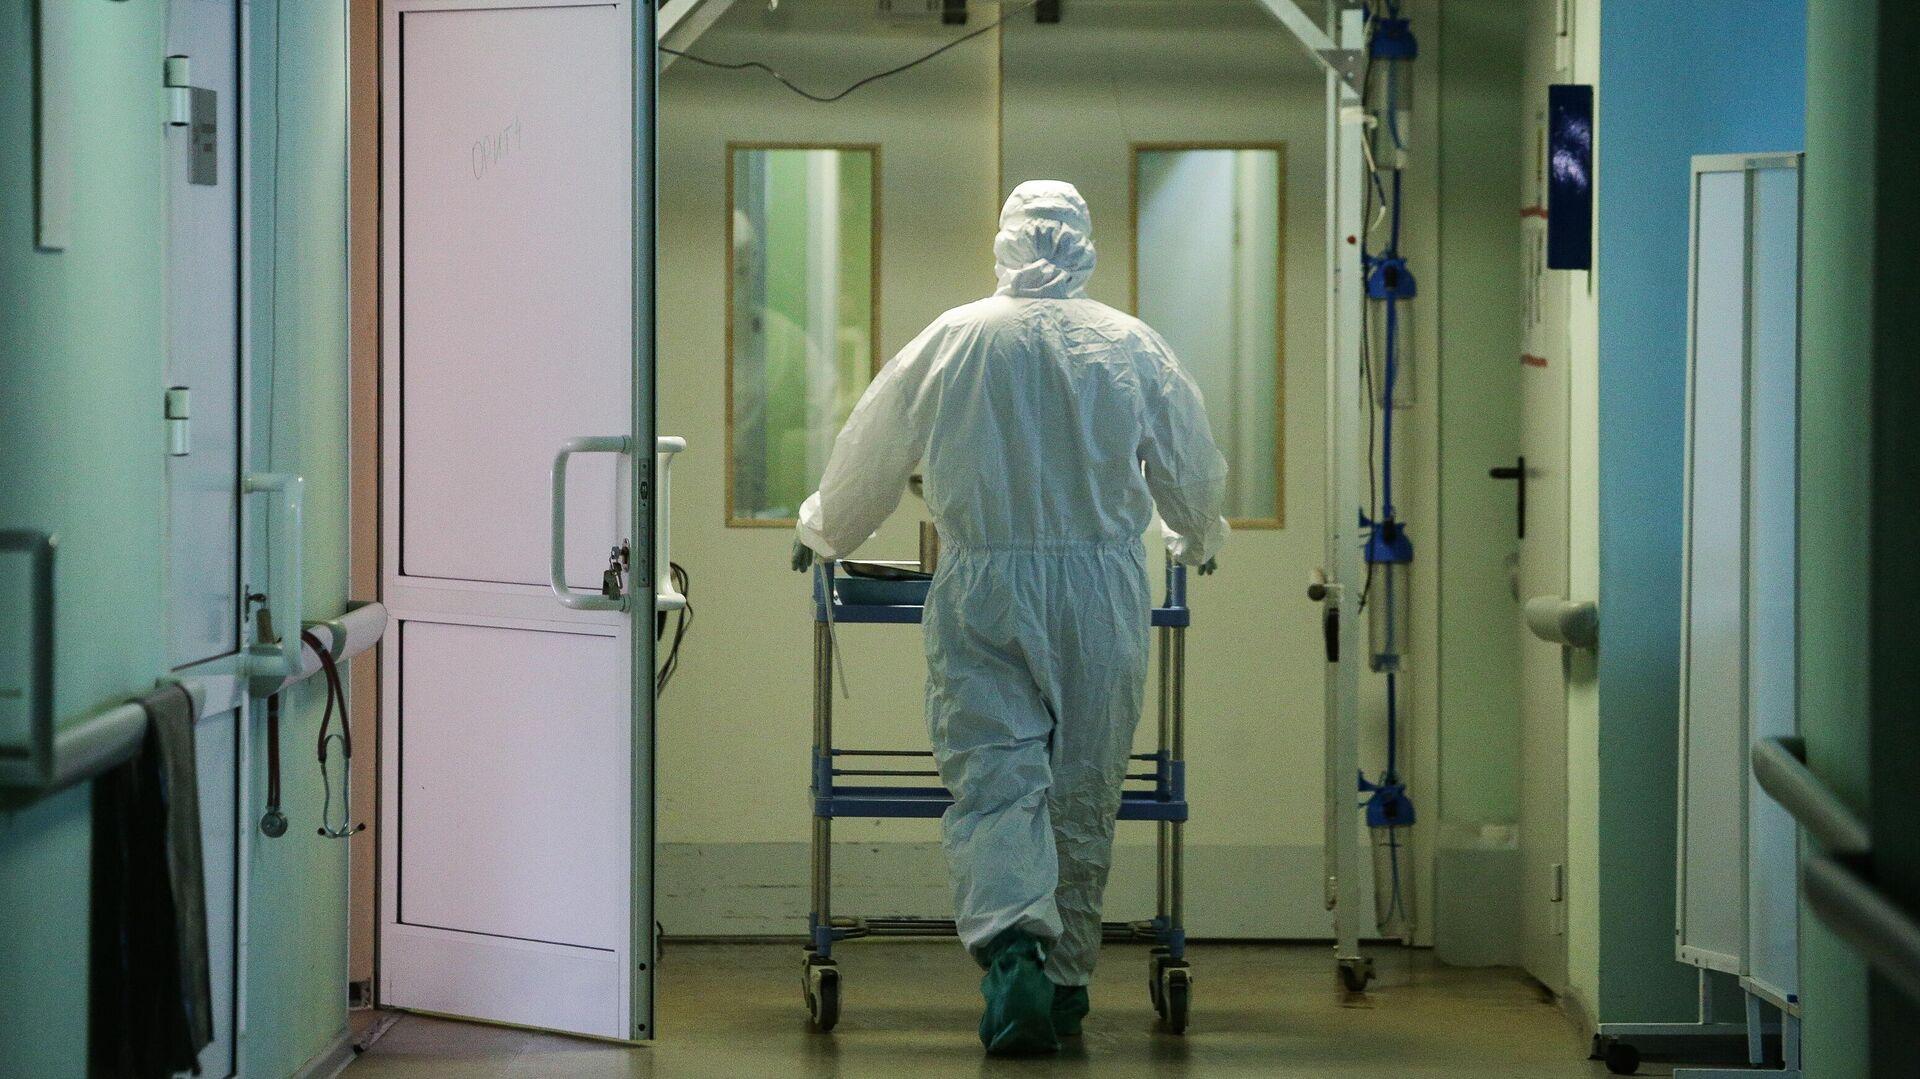 Медик в защитном противоэпидемическом костюме в коридоре Новосибирской областной клинической больницы - РИА Новости, 1920, 18.01.2021